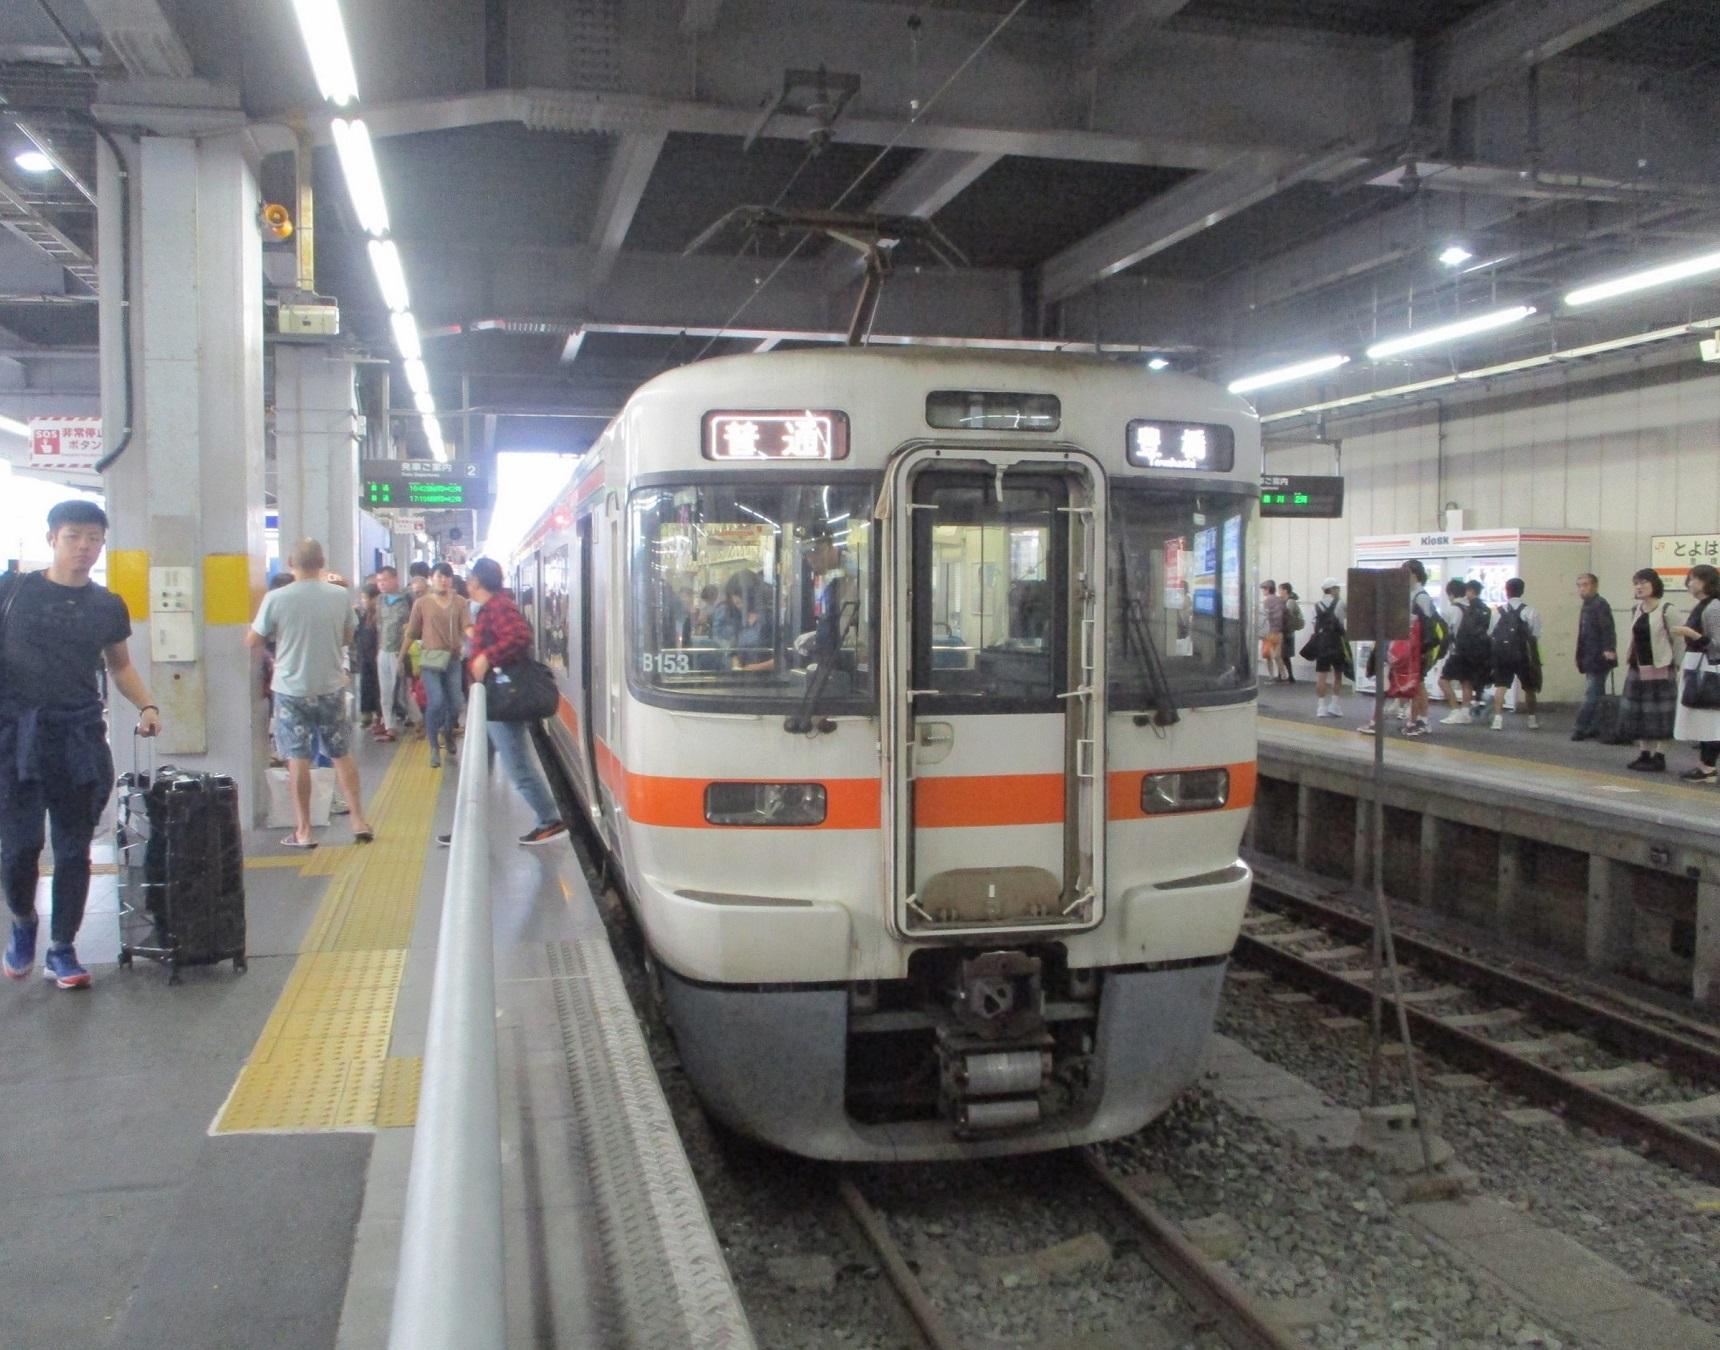 2019.10.20 (53) 豊橋 - 豊橋いきふつう 1720-1350